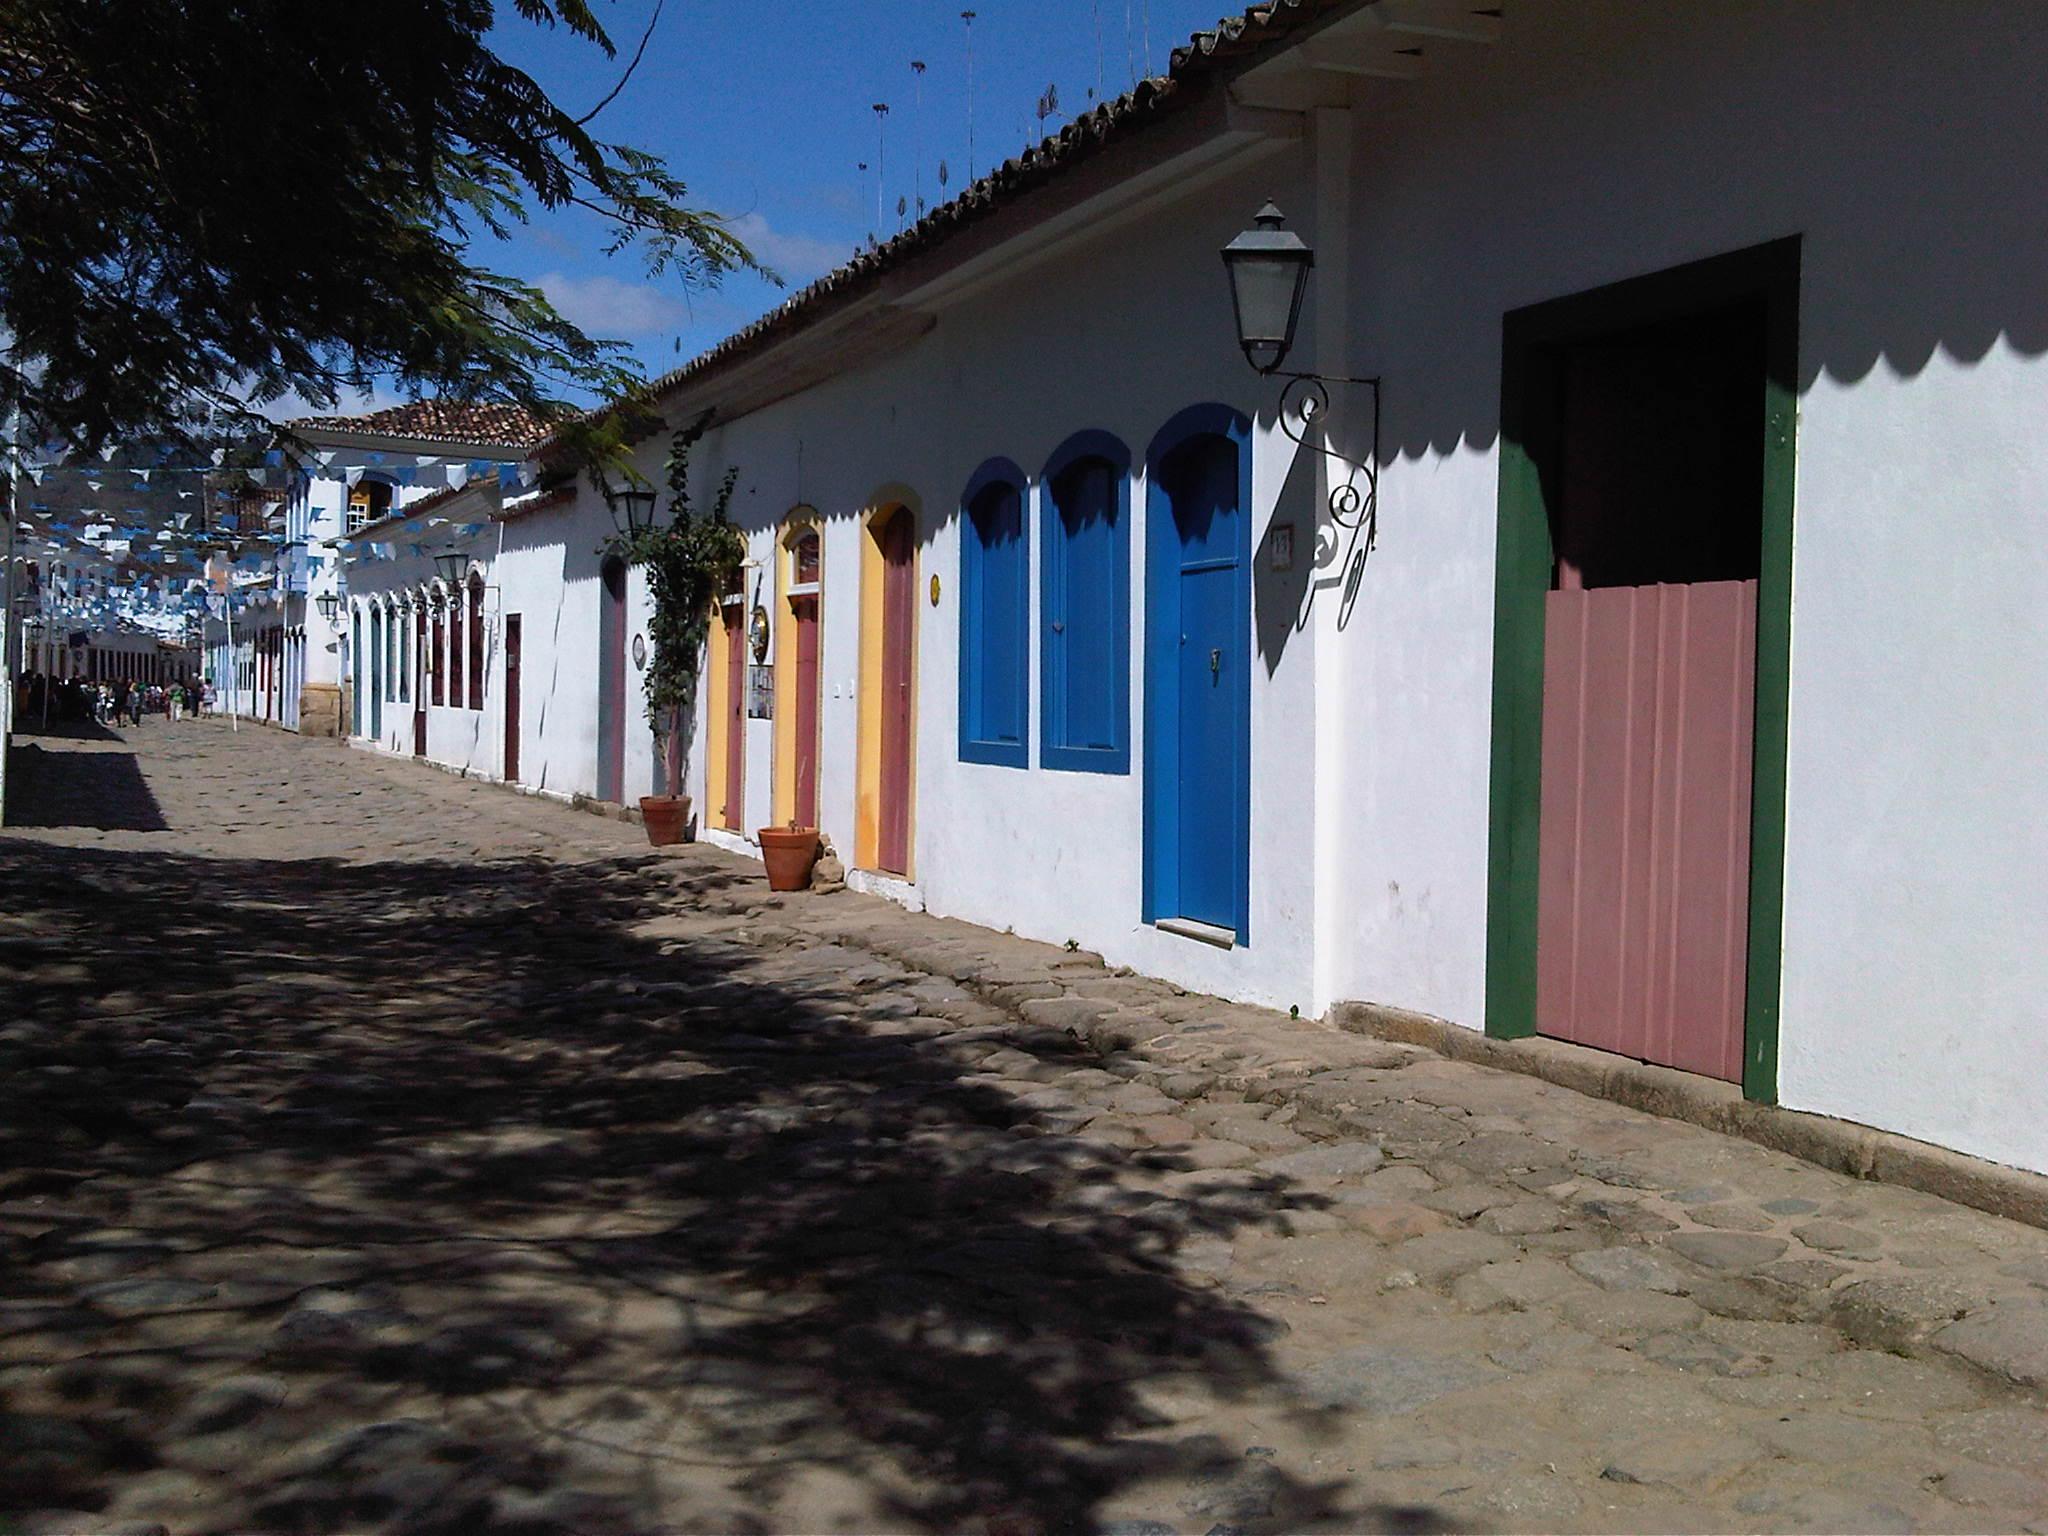 Centro histórico de Paraty. Foto: Marcelo Del Negri